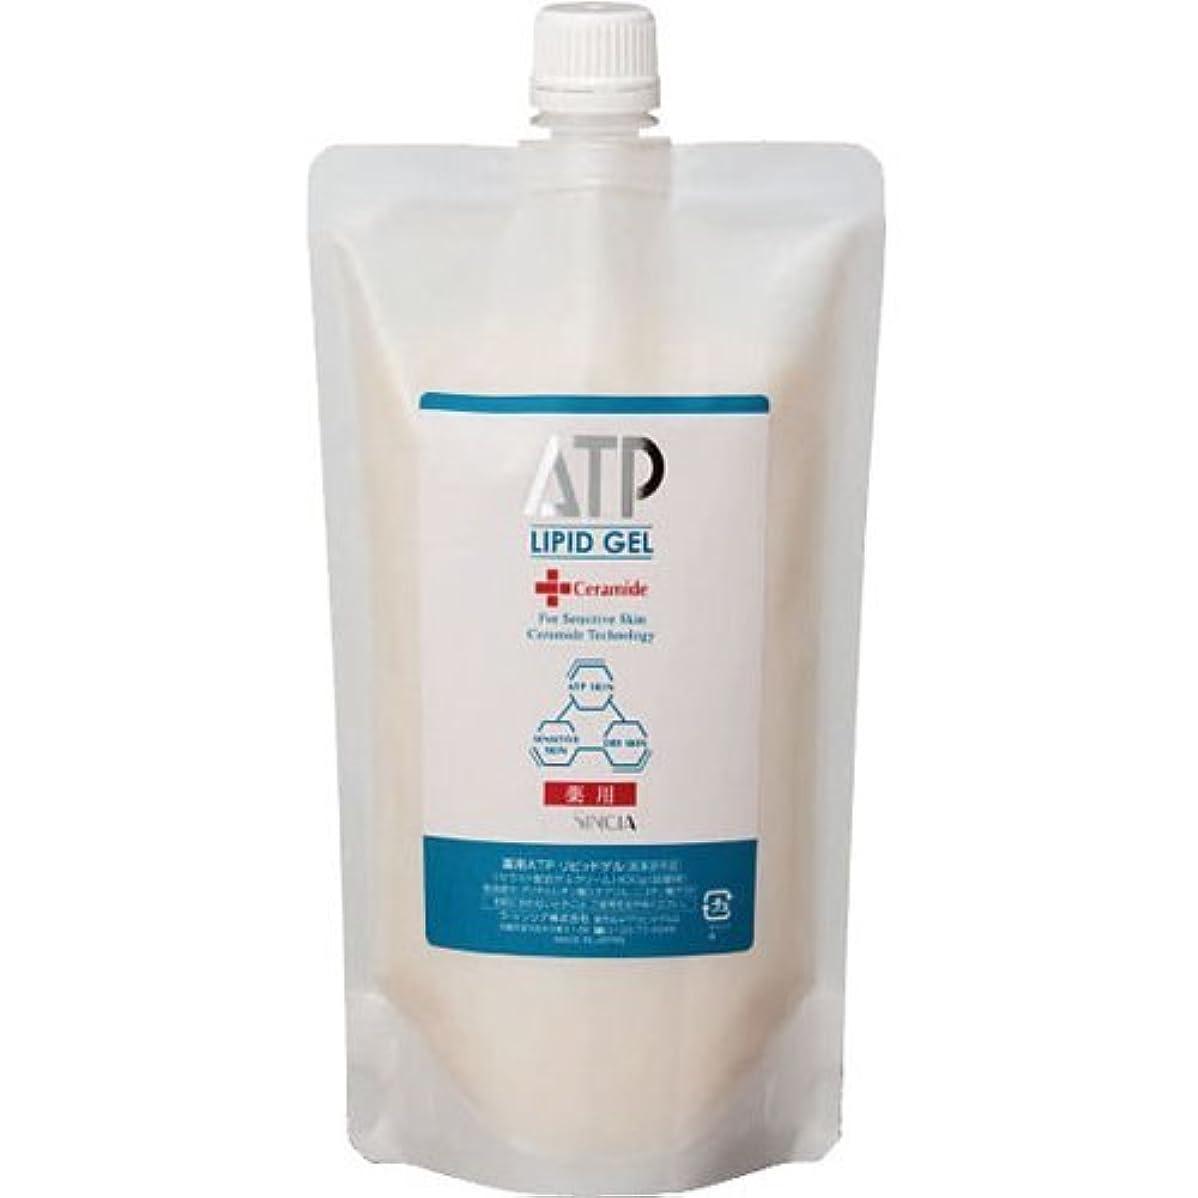 弁護人エンジンストレスの多いラシンシア 薬用ATPリピッドゲル 400g(詰替用) 【セラミド配合ゲルクリーム】